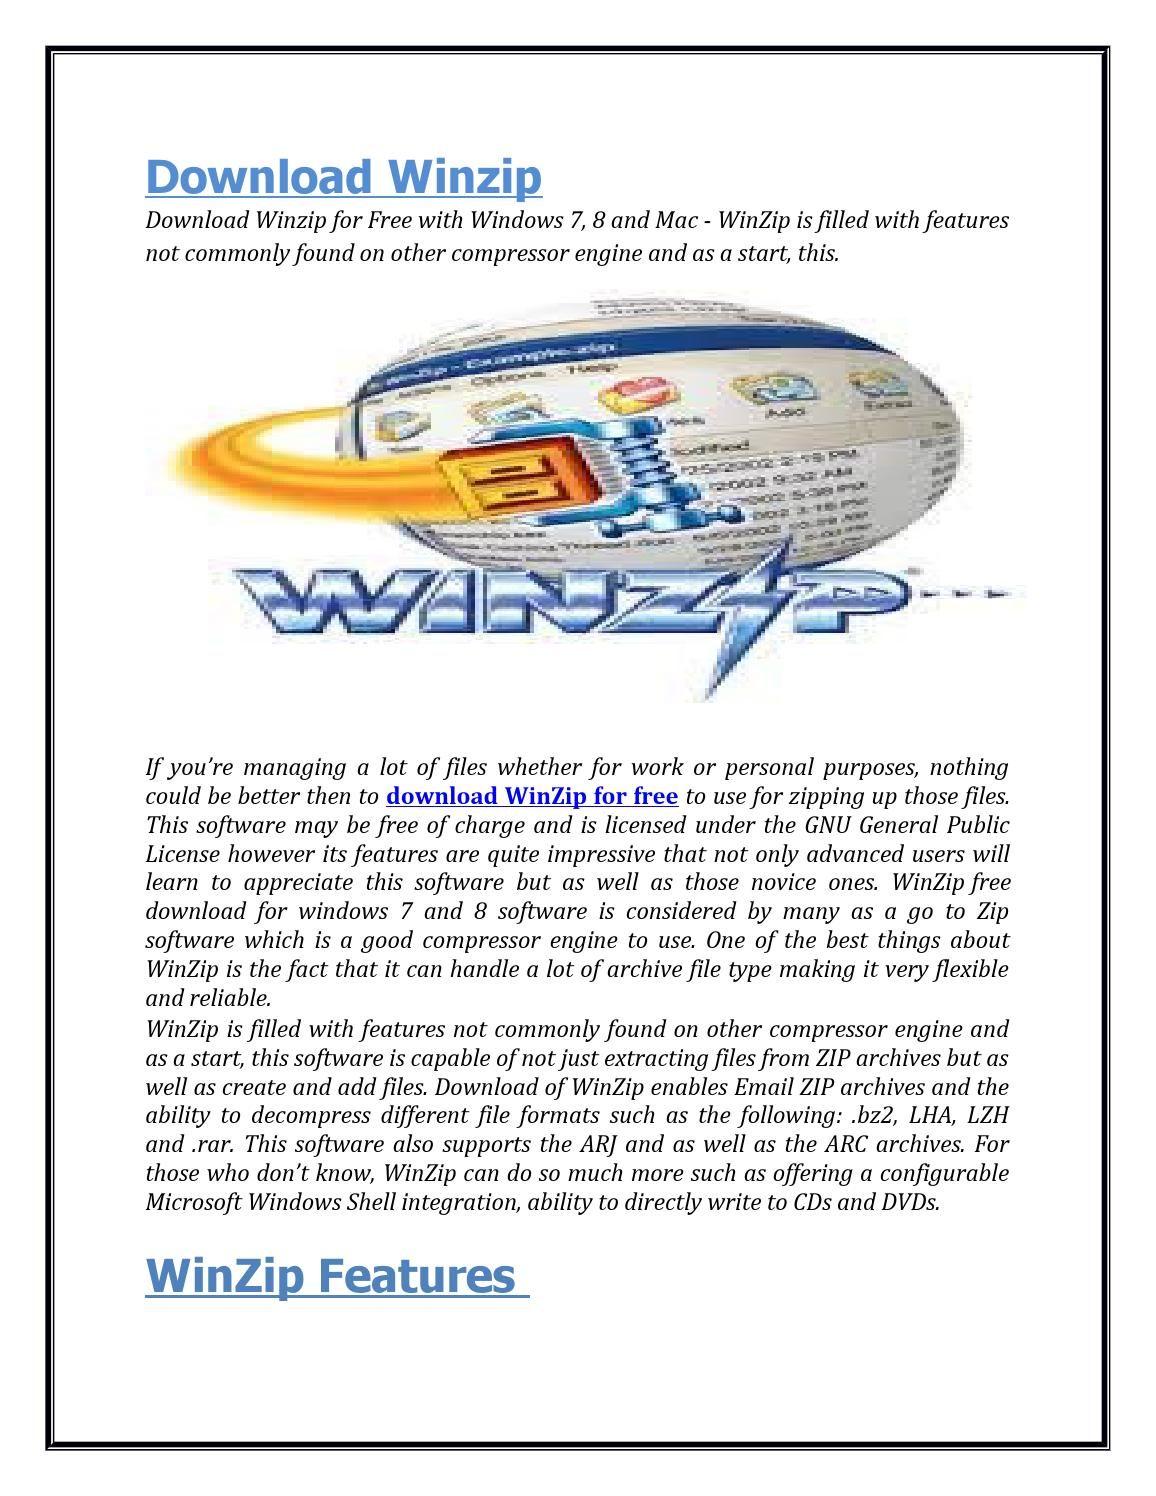 دانلود winzip ویندوز 7